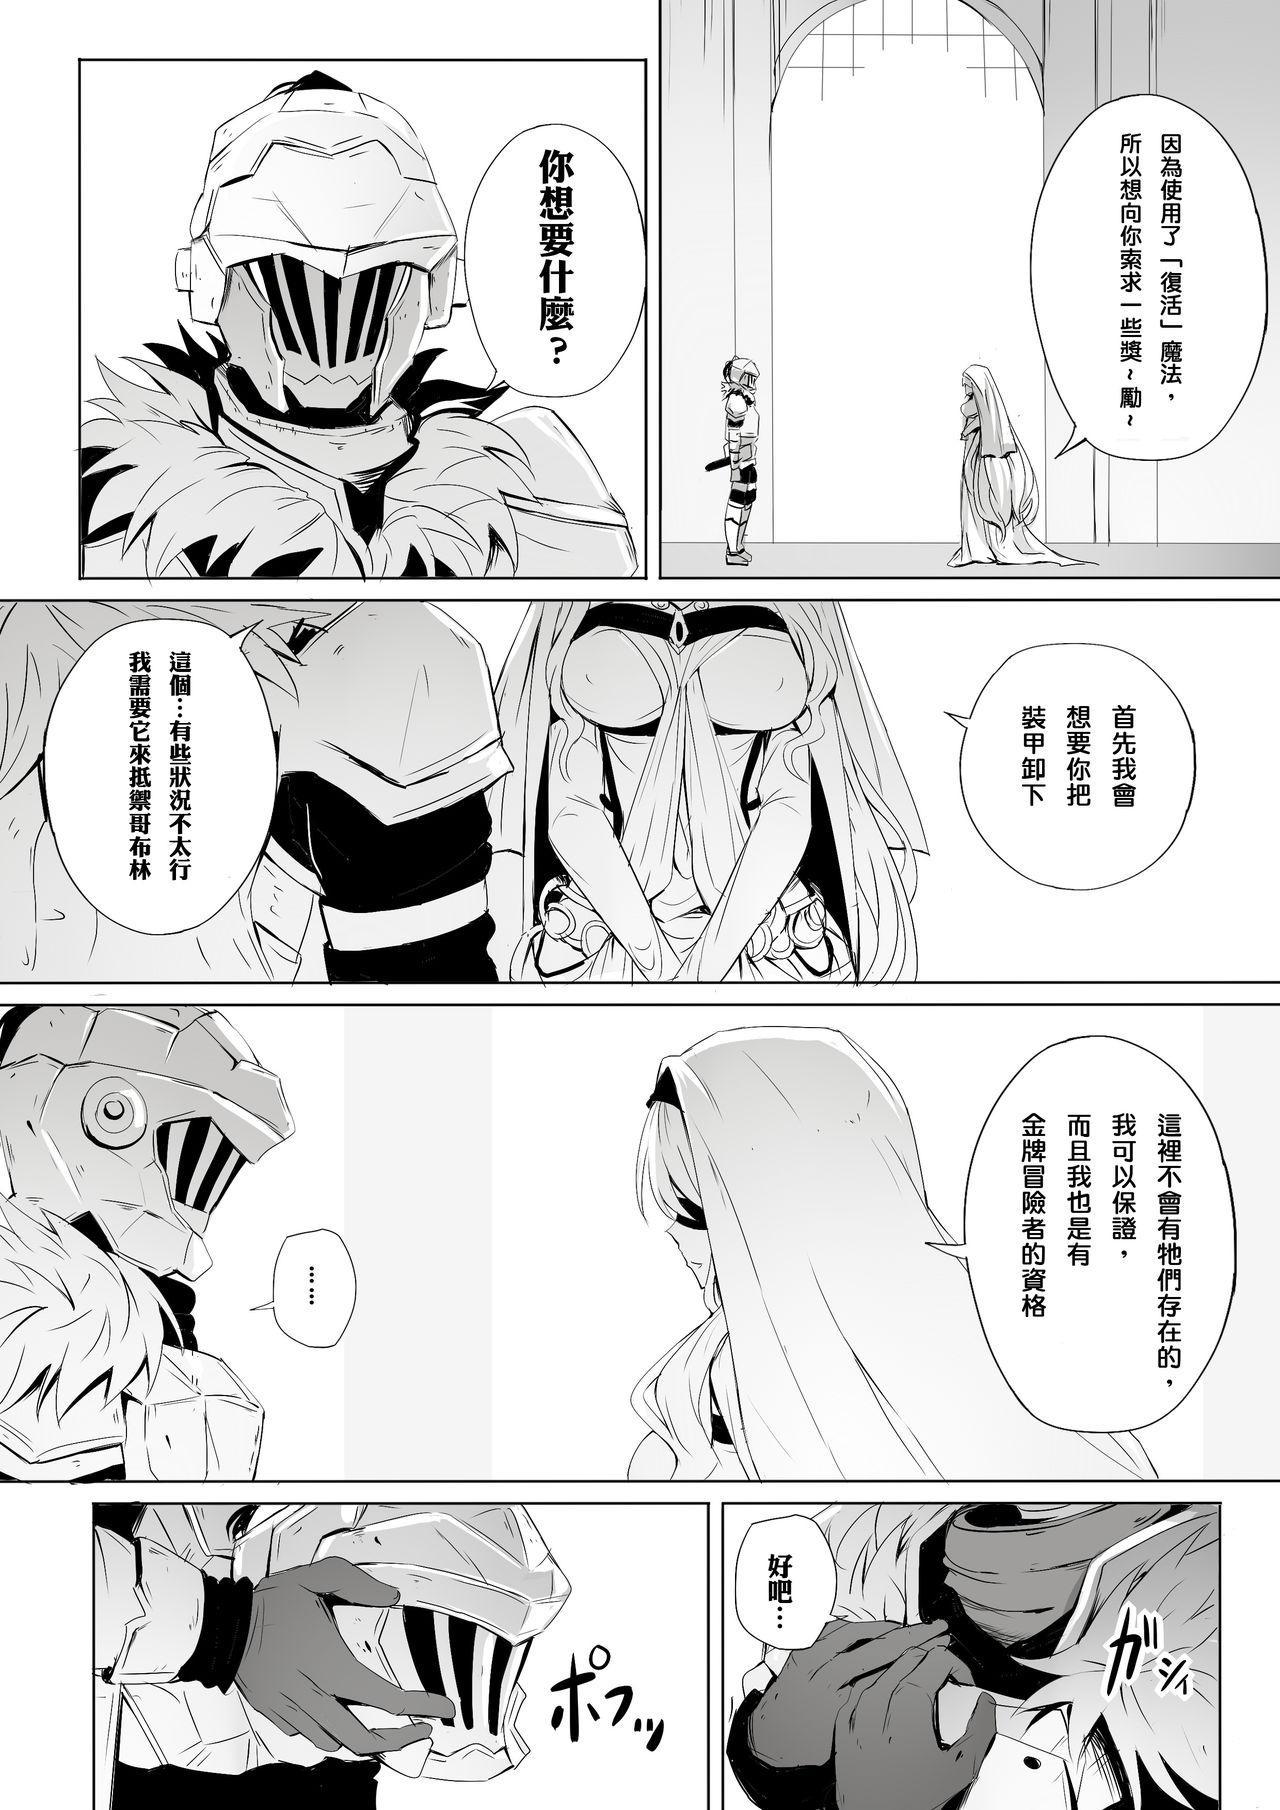 Sei no Daishikyou to Koware Yasui Otome 2